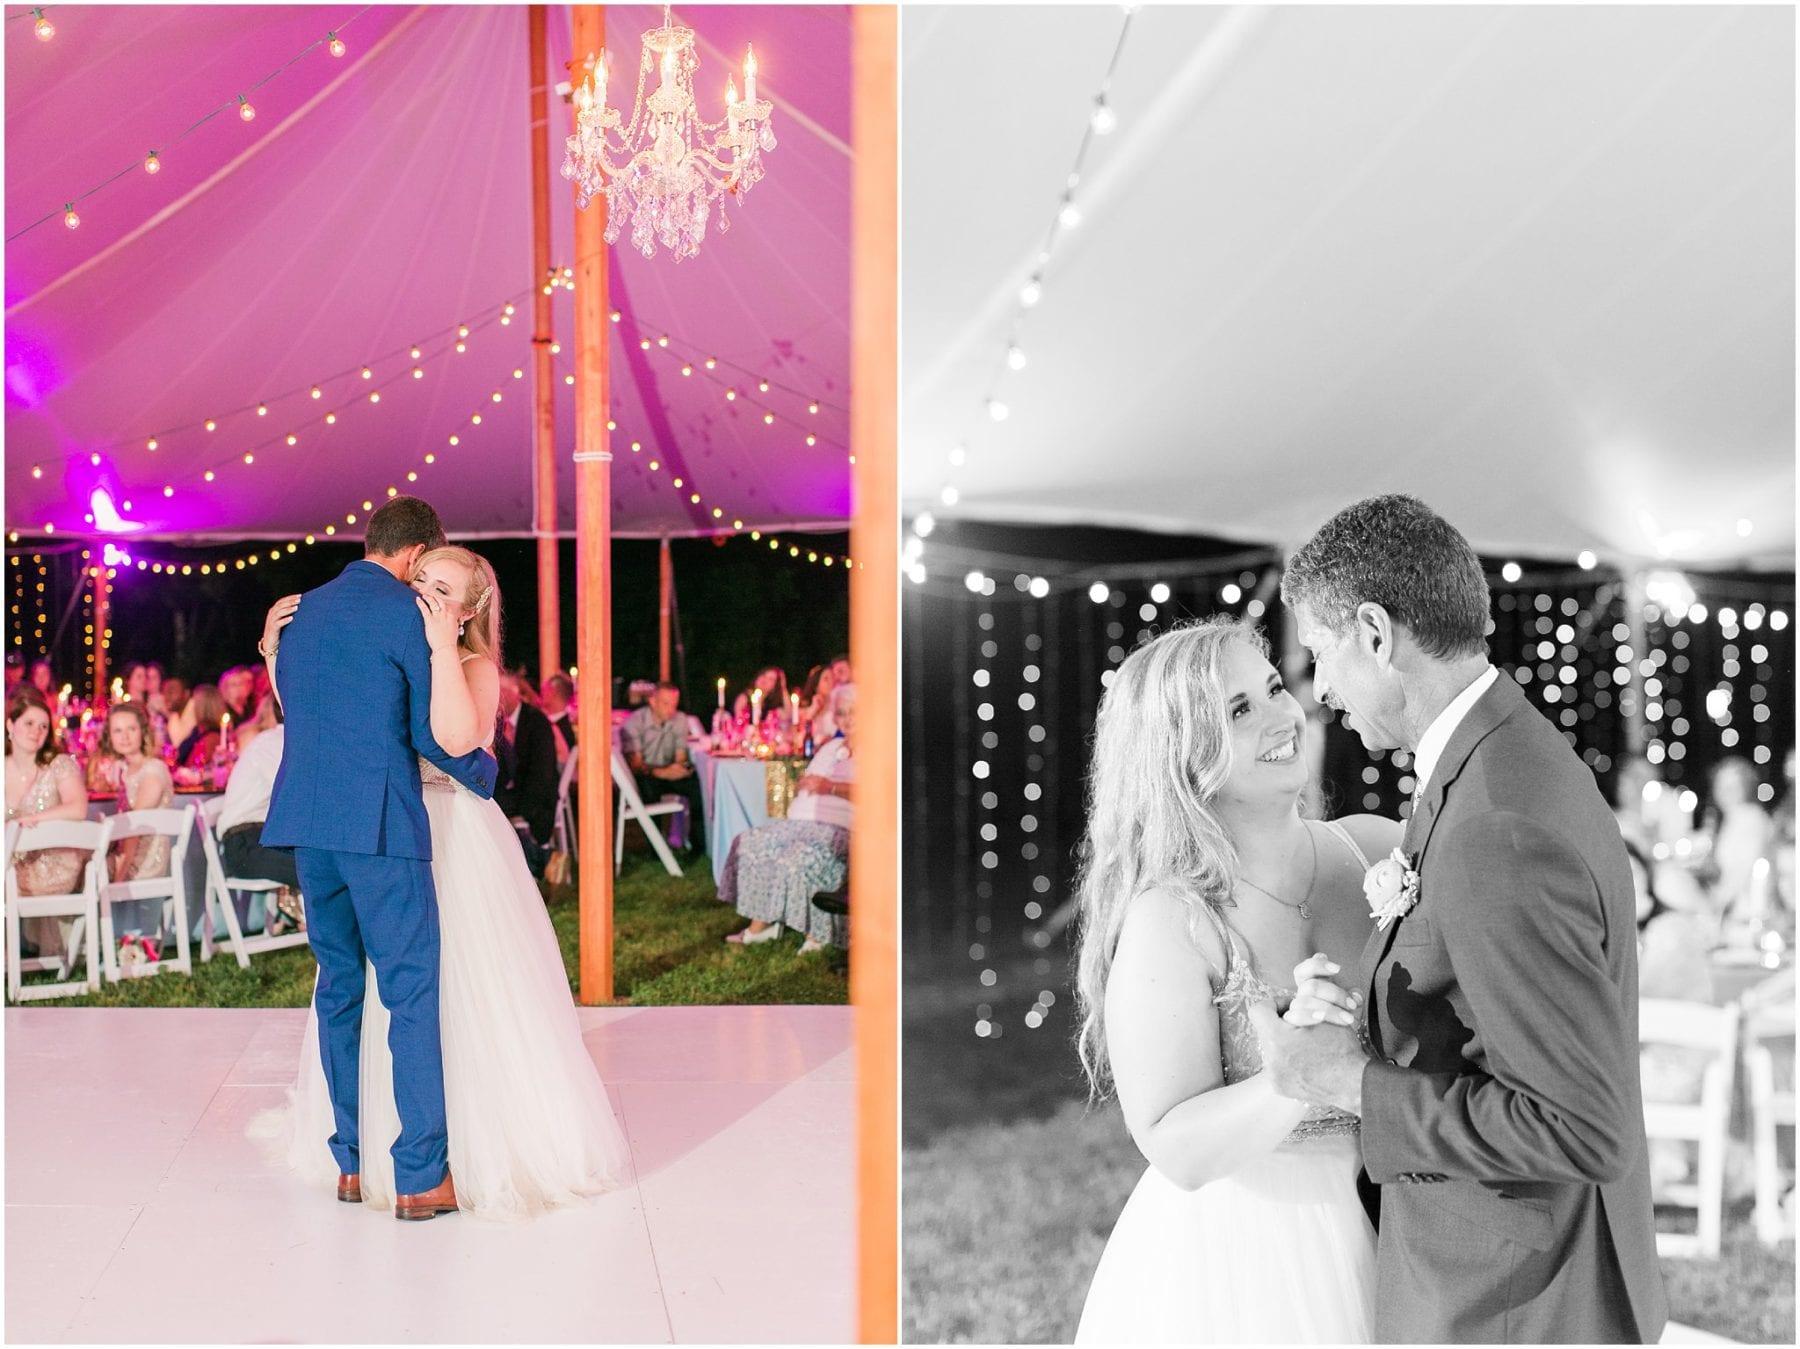 Maryland Backyard Wedding Photos Kelly & Zach Megan Kelsey Photography-305.jpg